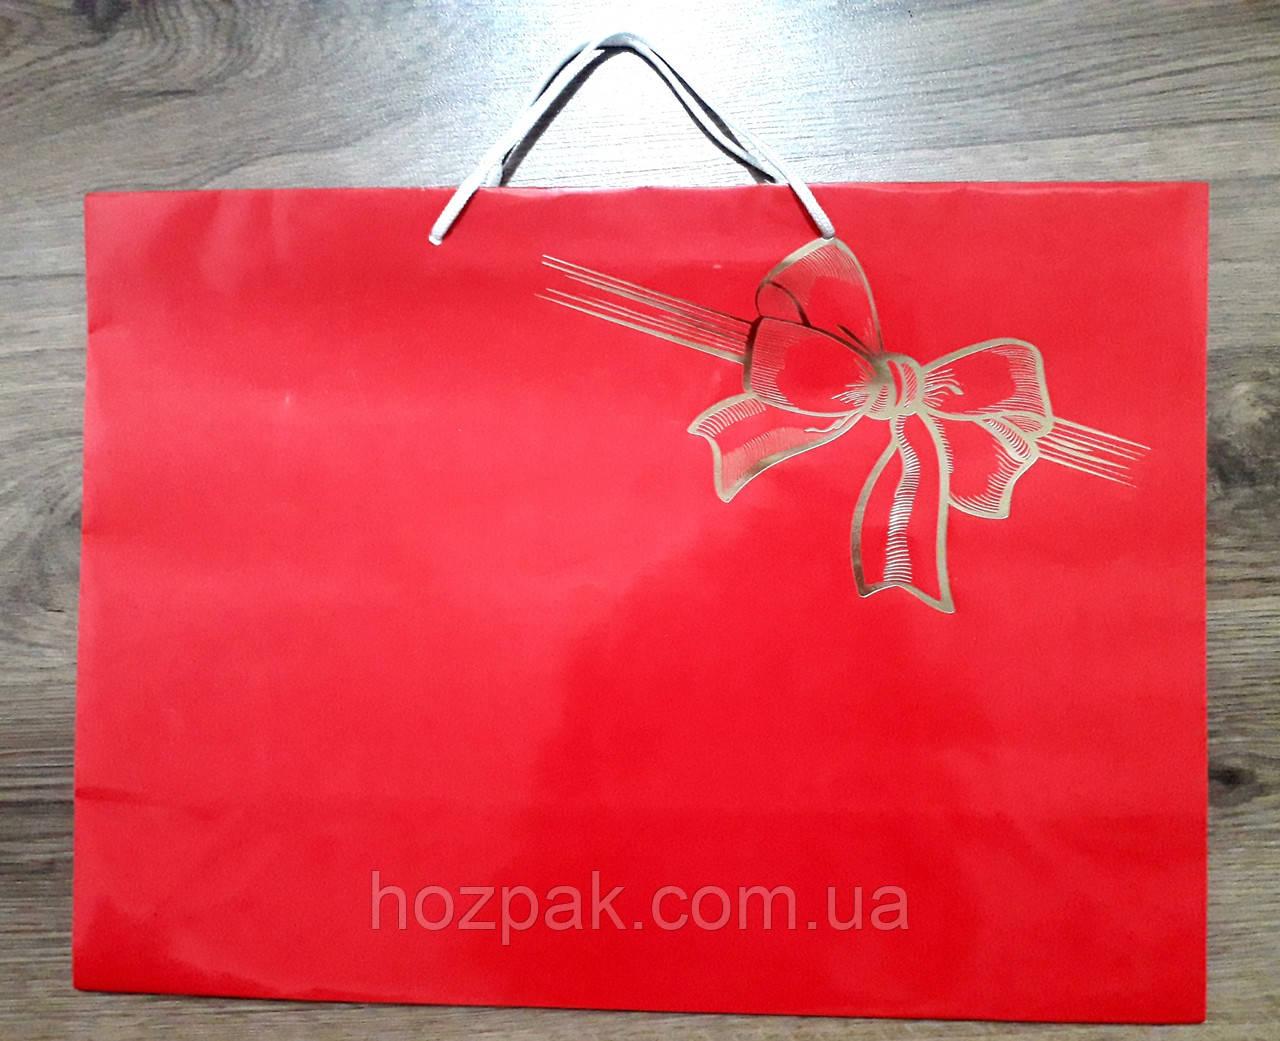 Пакет подарунковий паперовий гігант горизонтальний 46х32х15